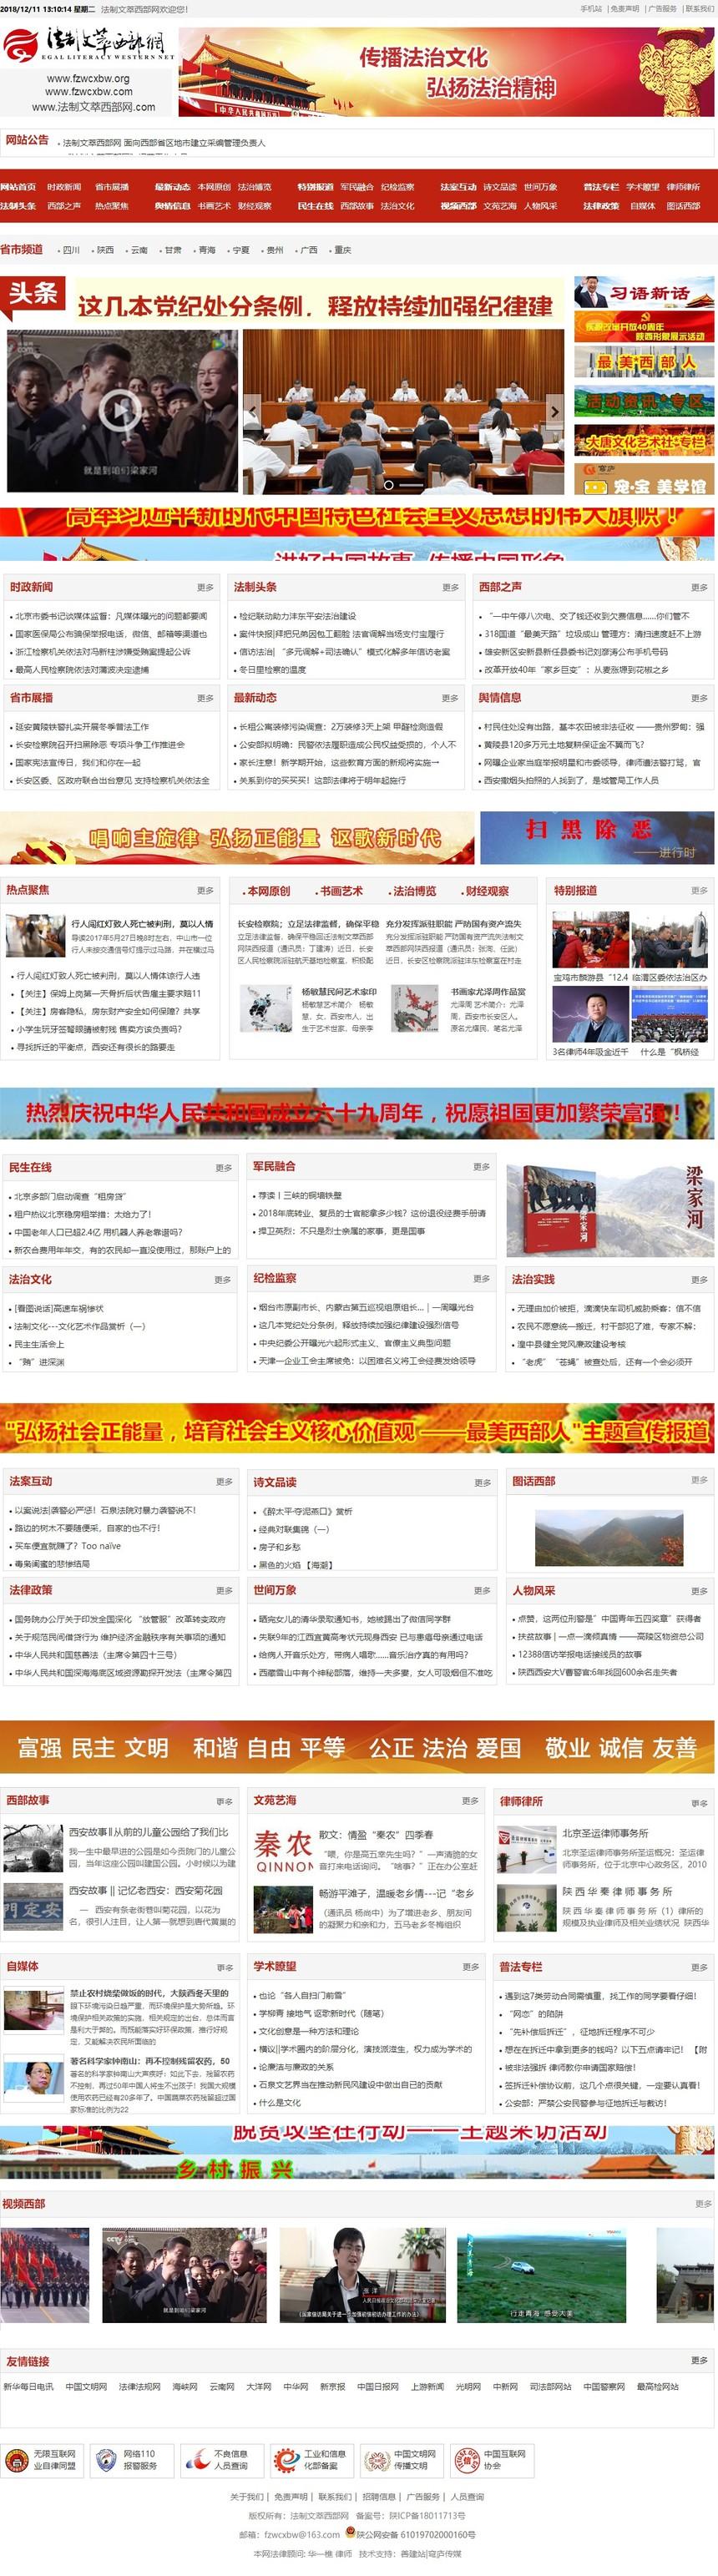 法制文萃西部网.jpg